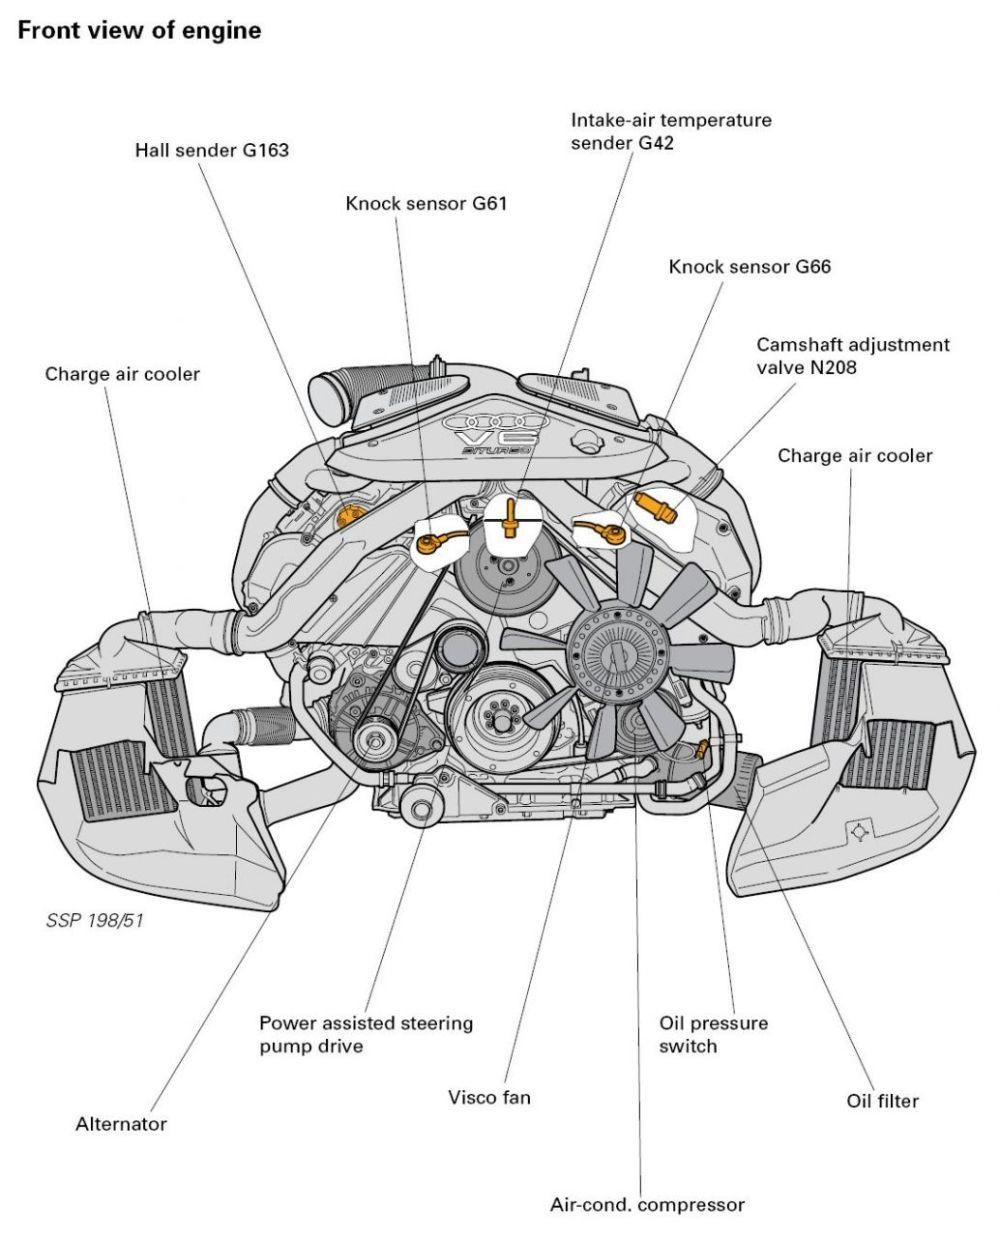 medium resolution of 2000 audi s4 engine diagram library wiring diagramb5 s4 engine diagram wiring schematic diagram 2001 audi